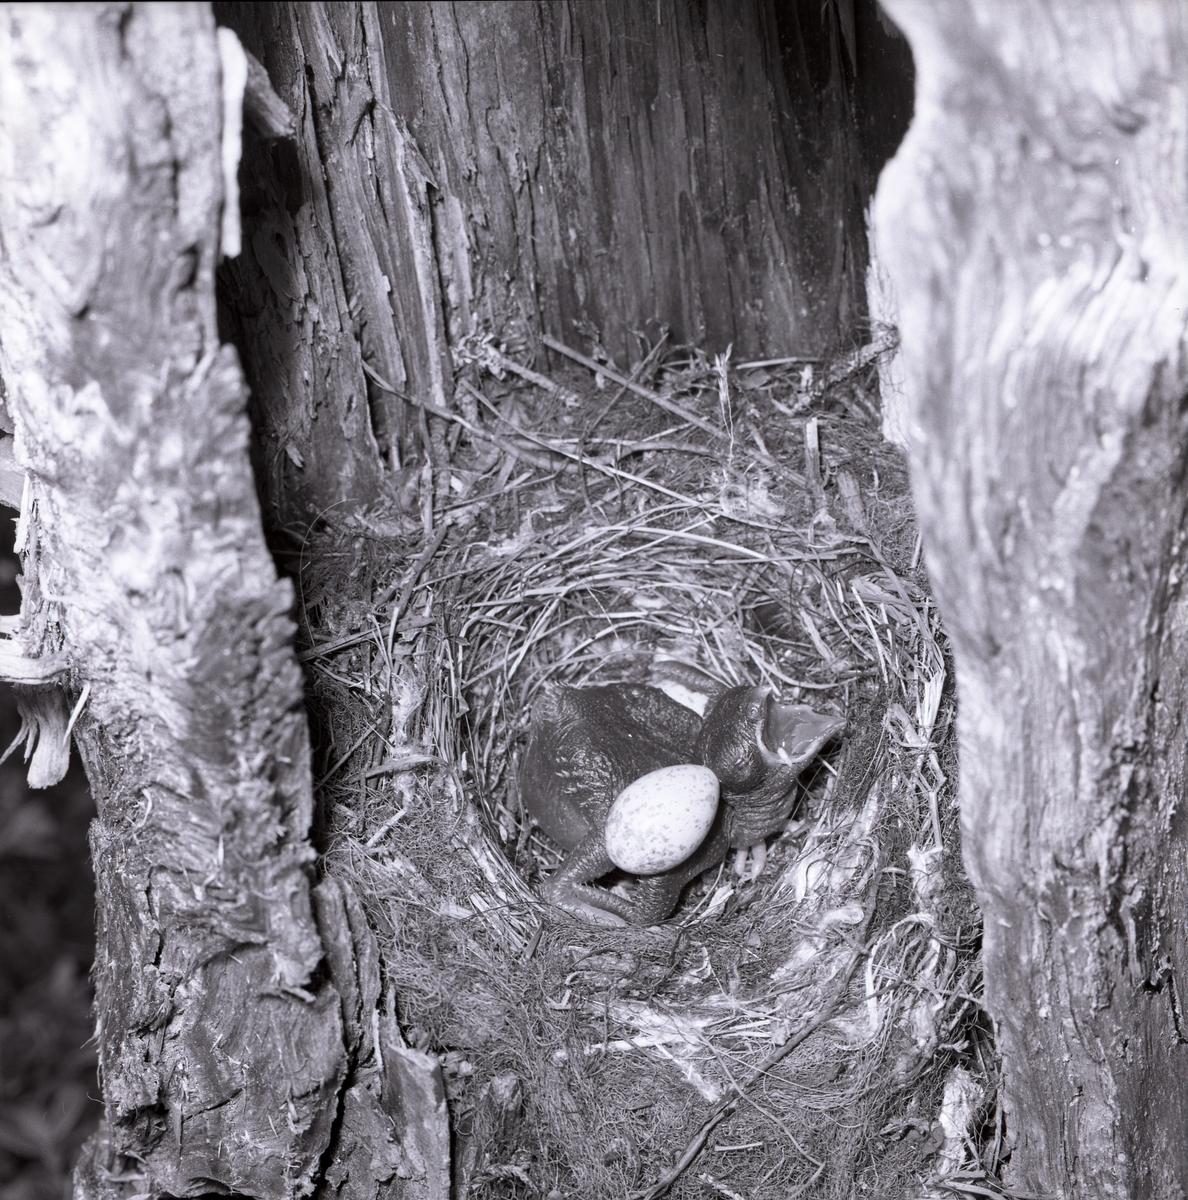 I ett fågelbo i en stubbe har en gökunge kläckts. Gökungen håller på att kasta ut de övriga äggen från boet. Fågelungen använder ryggen för att pressa ut äggen. Boet är byggt av grässtrån och kvistar samt är korgformat. 26 juni 1961.